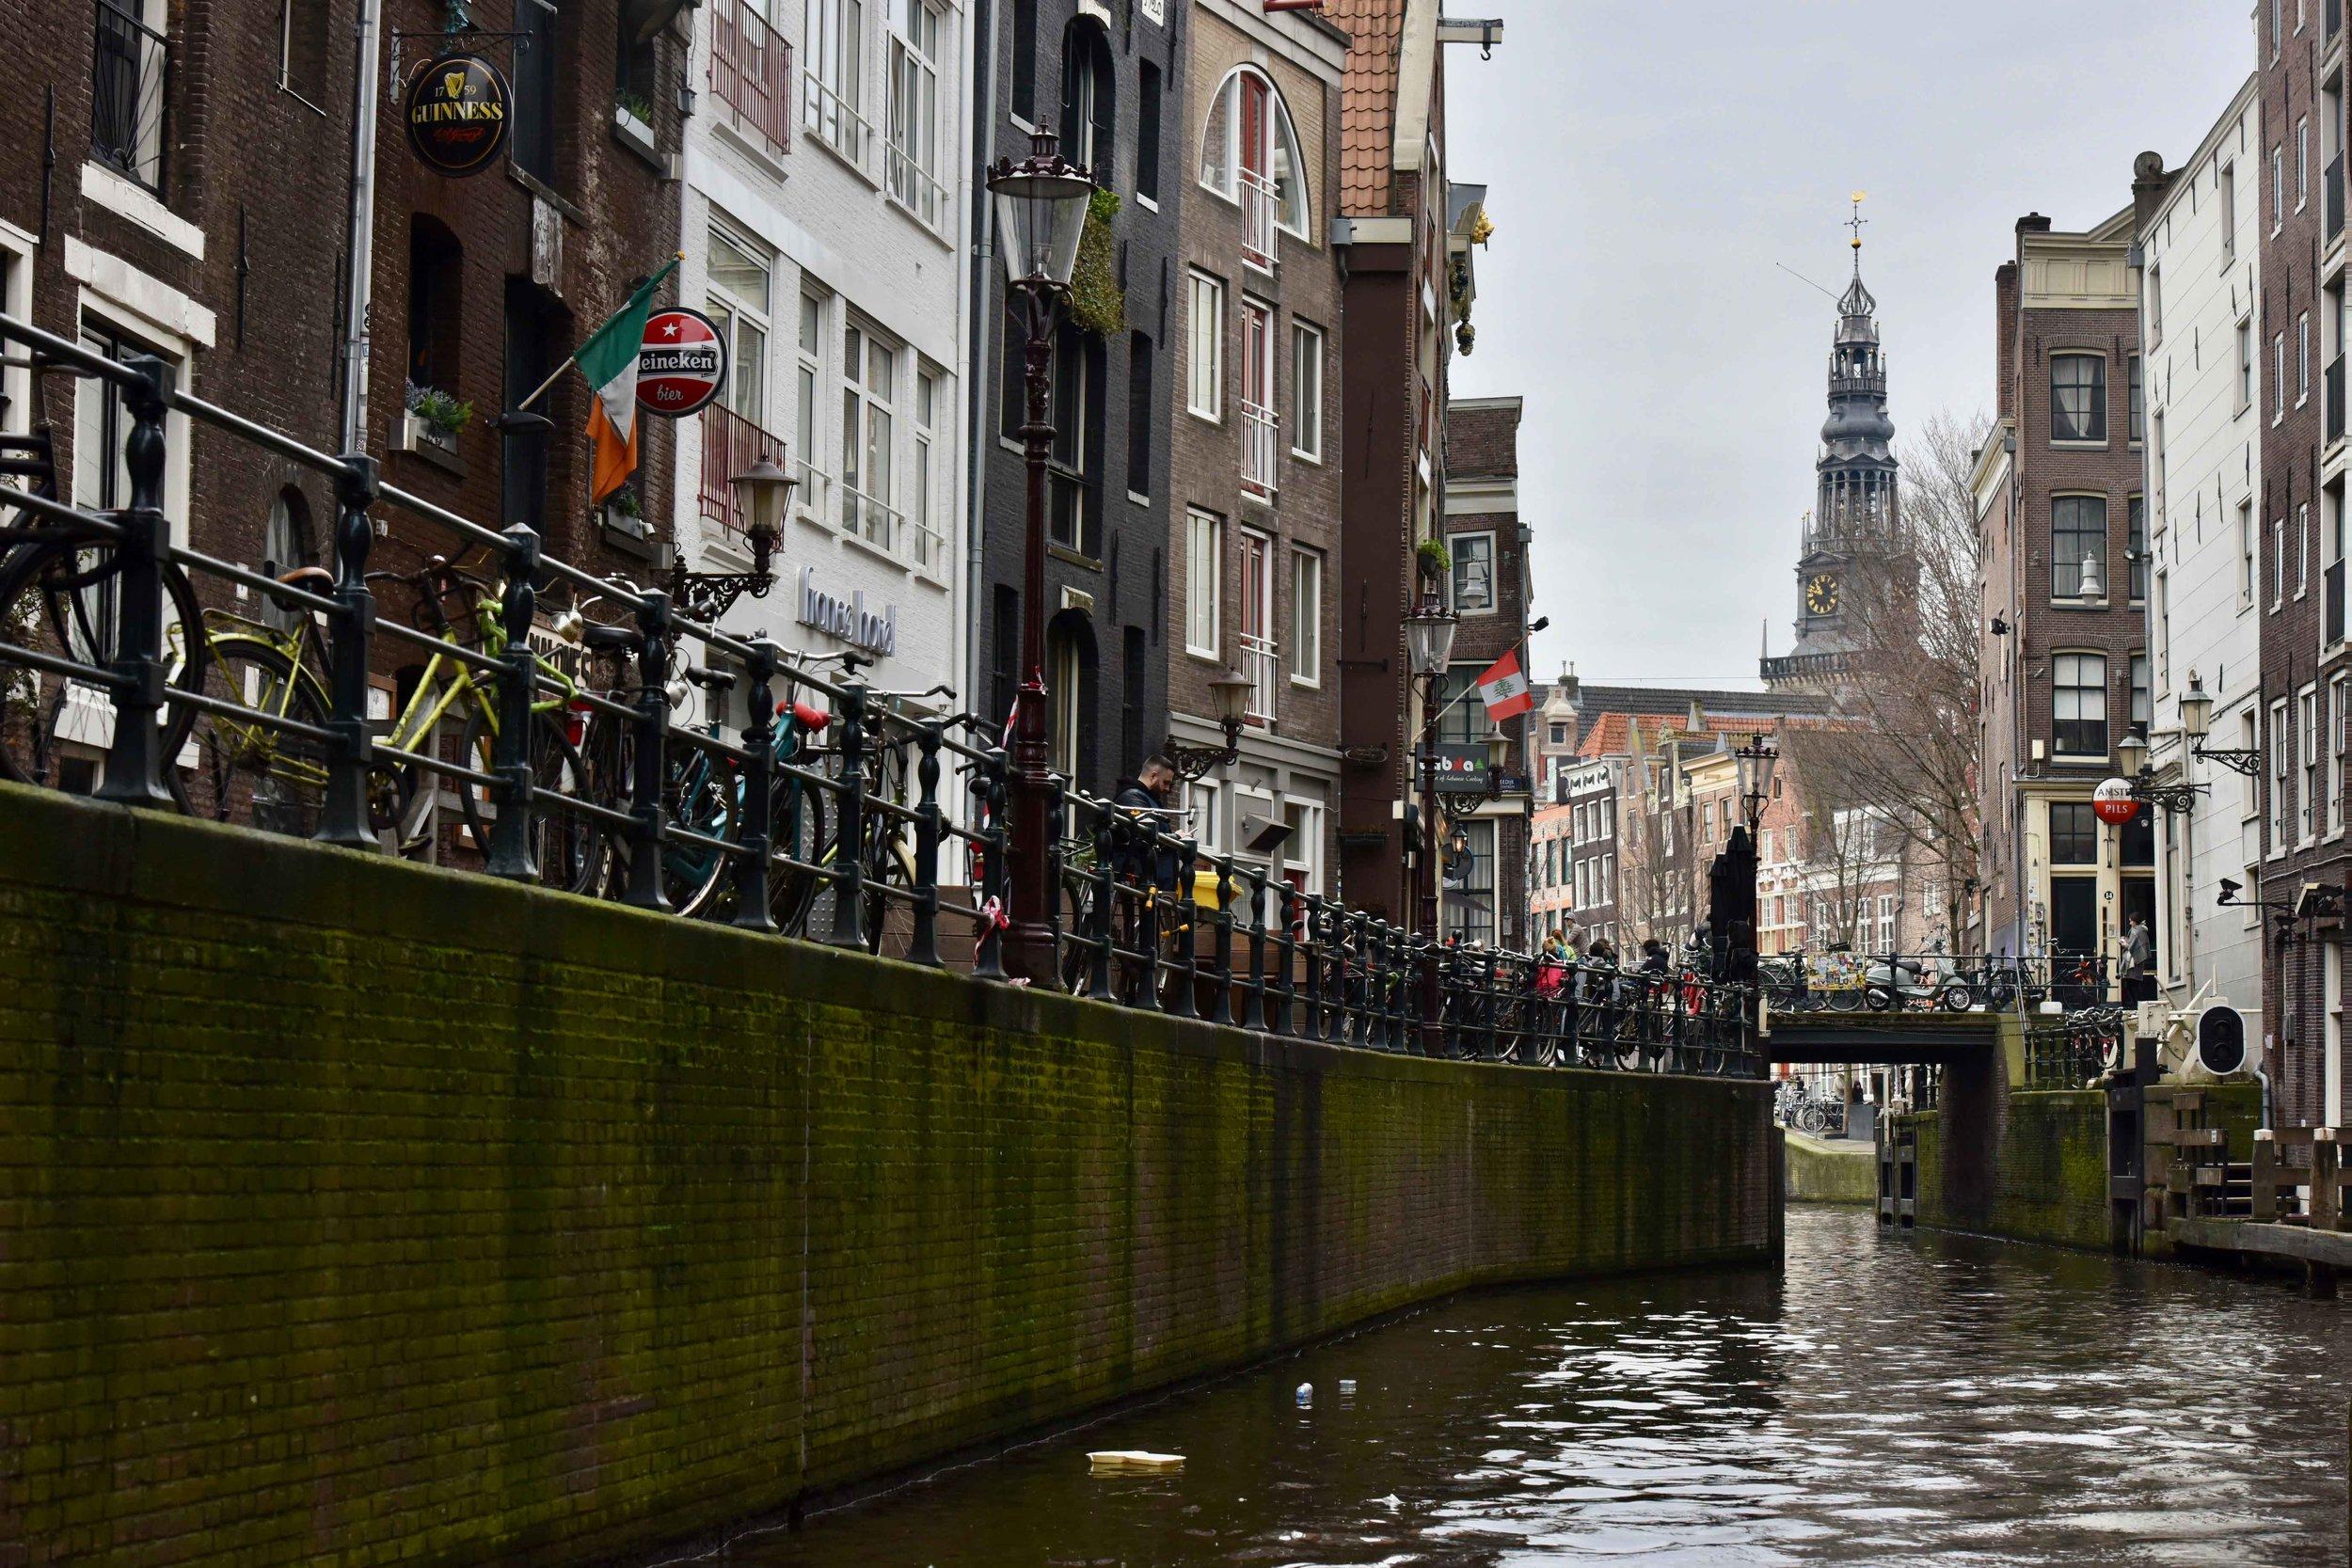 The Zuiderkerk,Amsterdam. Image©thingstodot.com